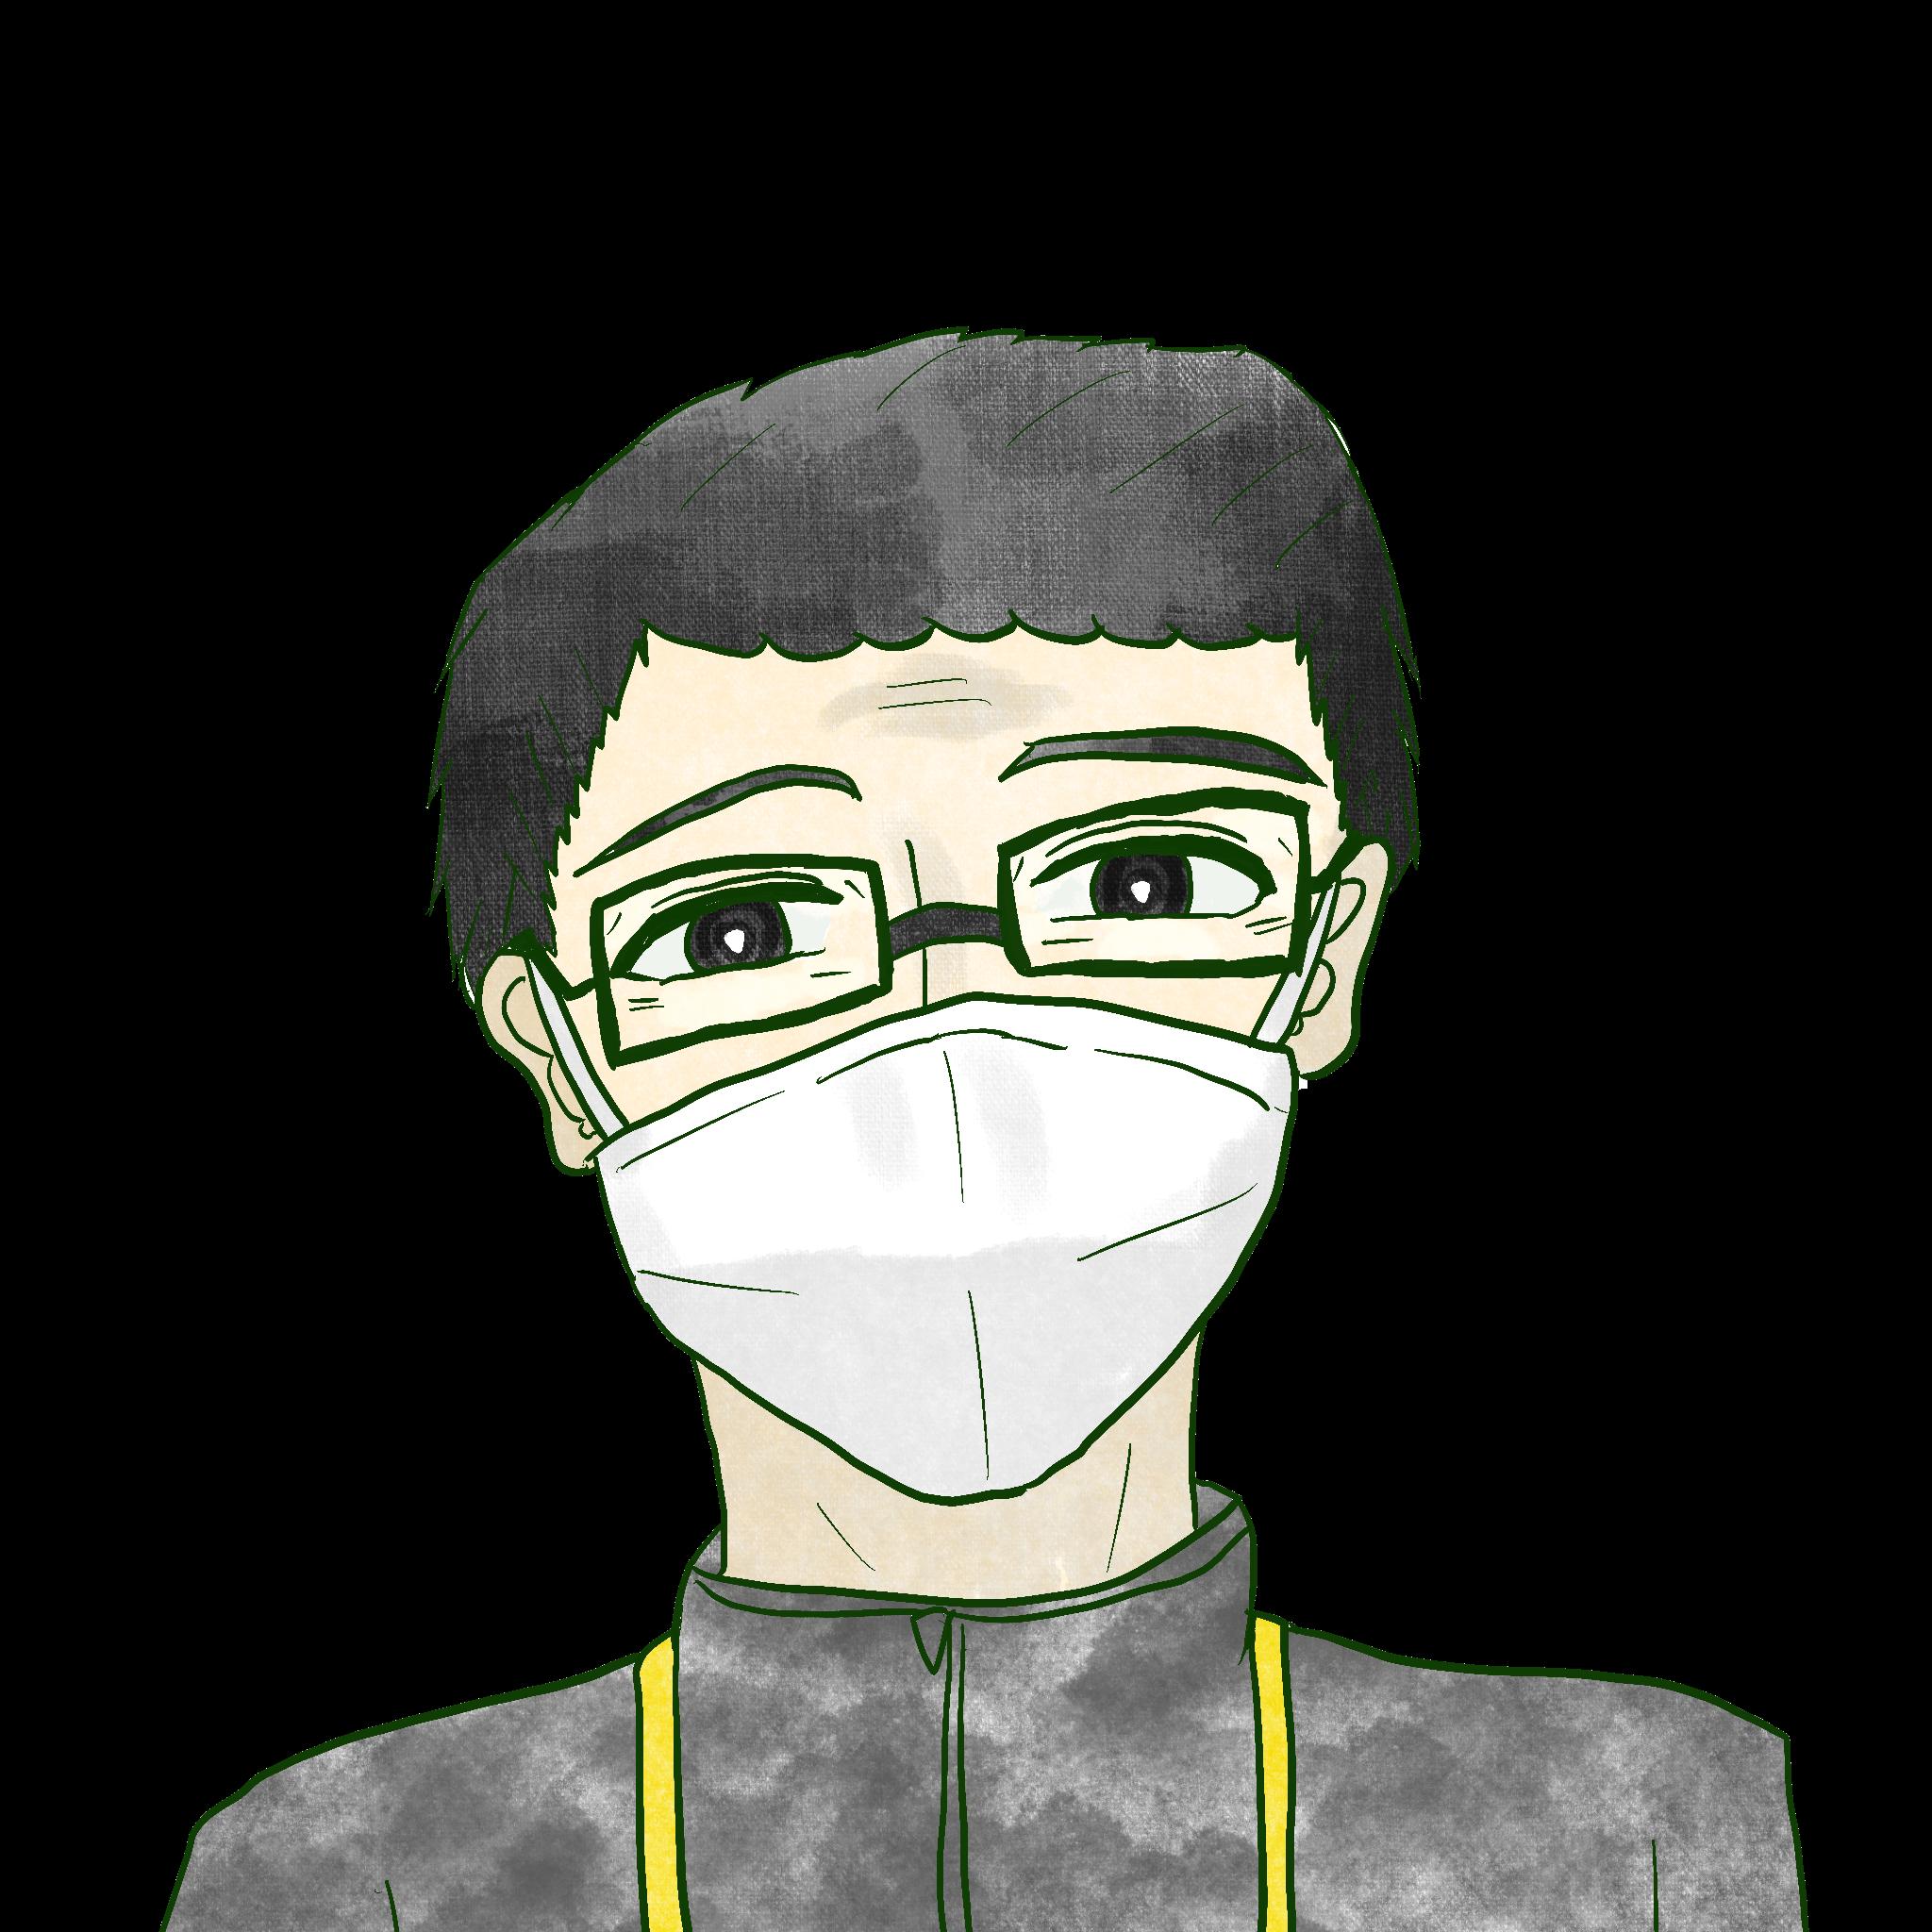 藤沢センター広報課Sさん